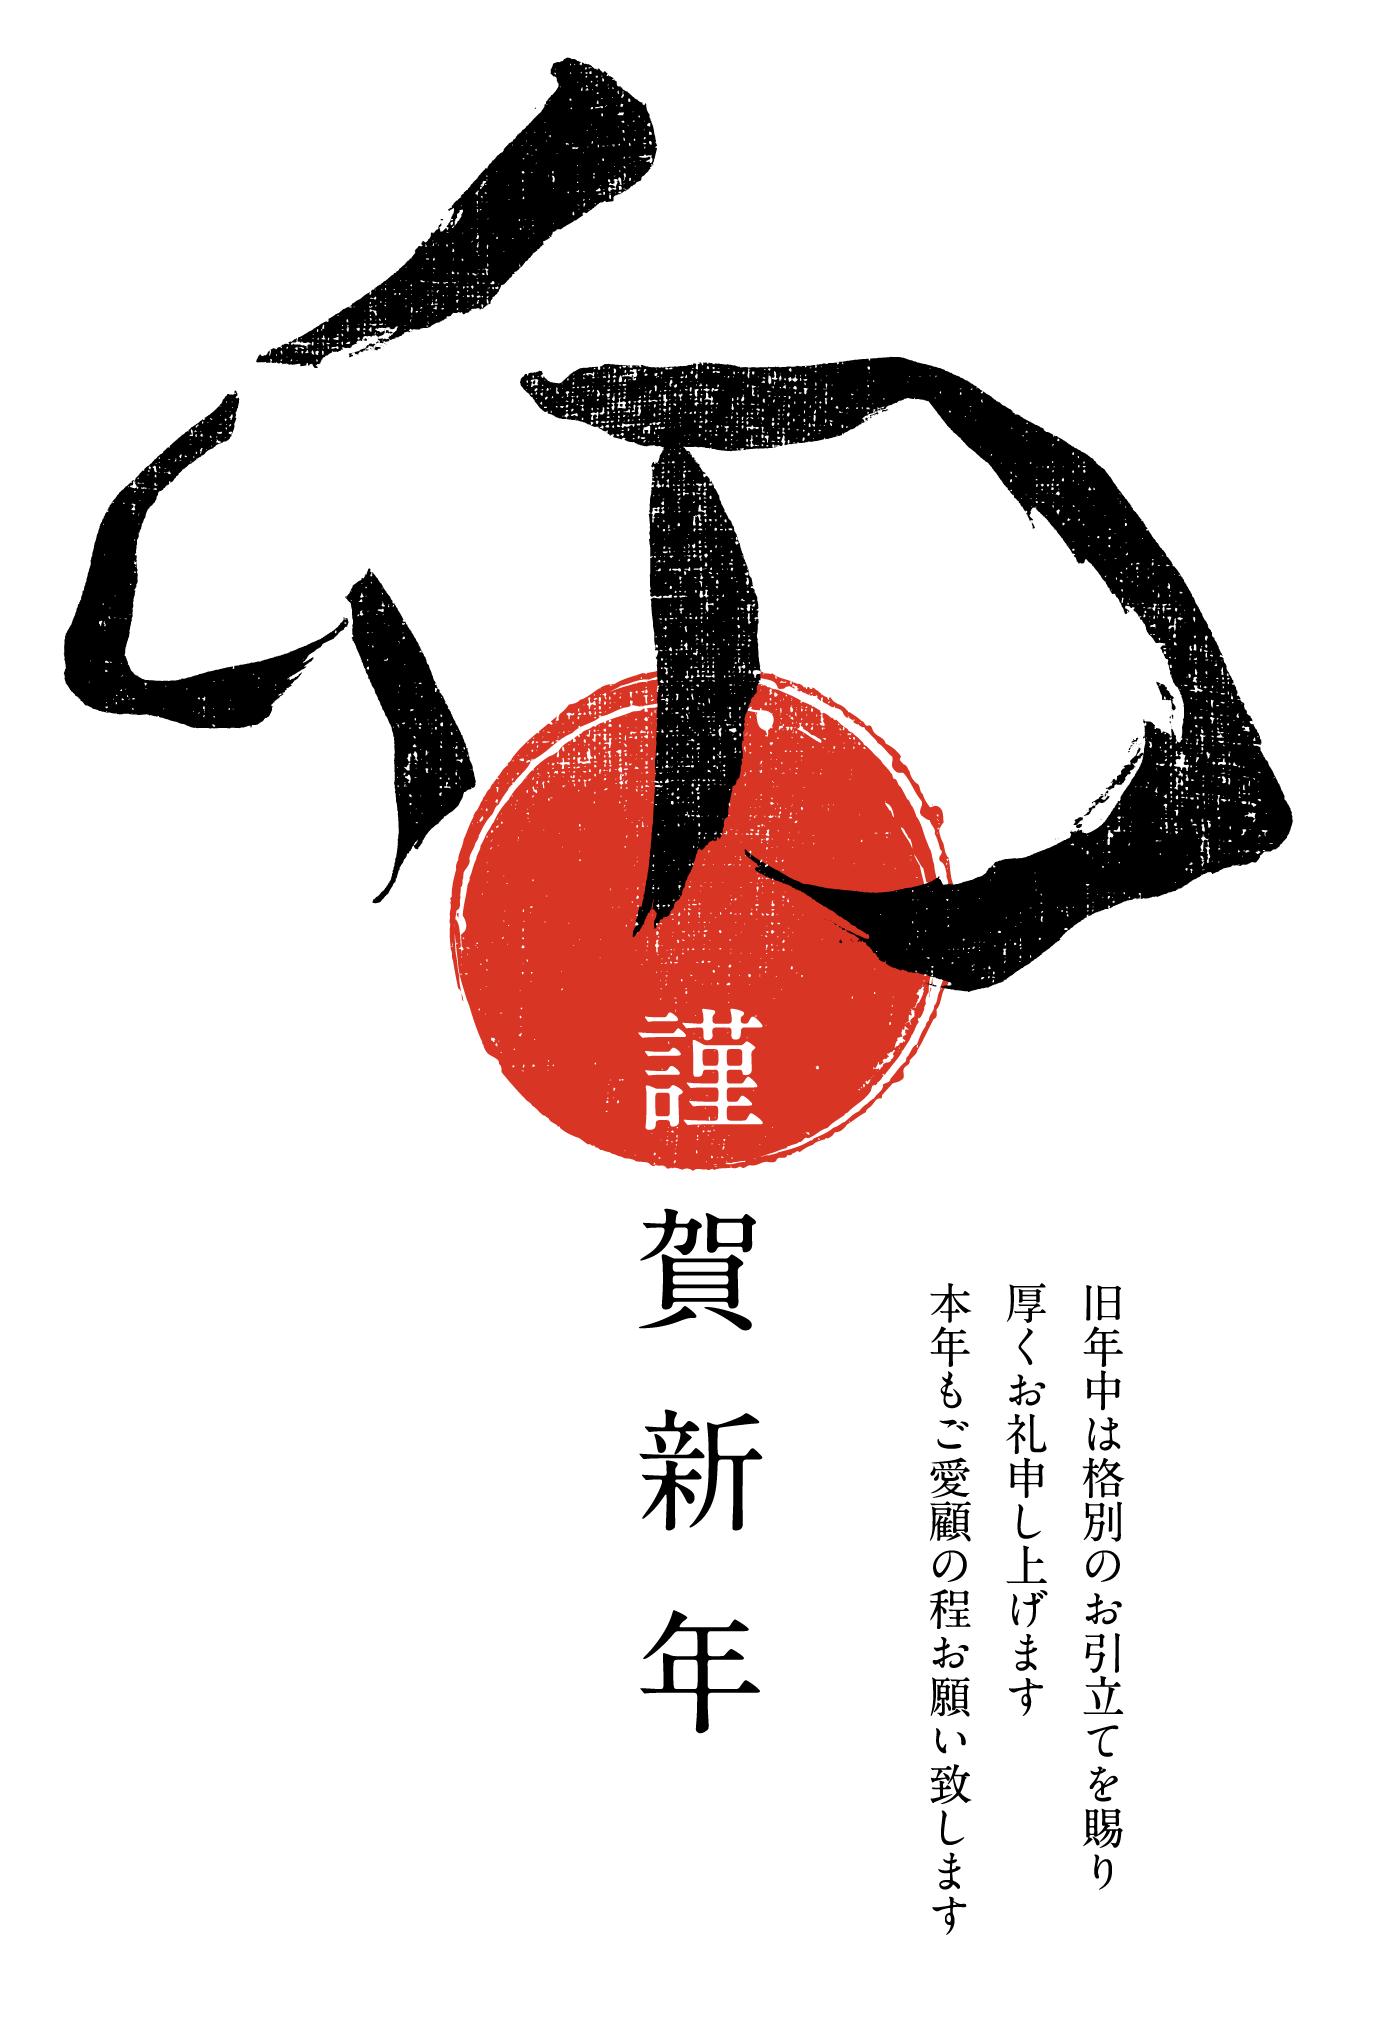 2011年賀状18:卯 Calligraphy / 1のダウンロード画像